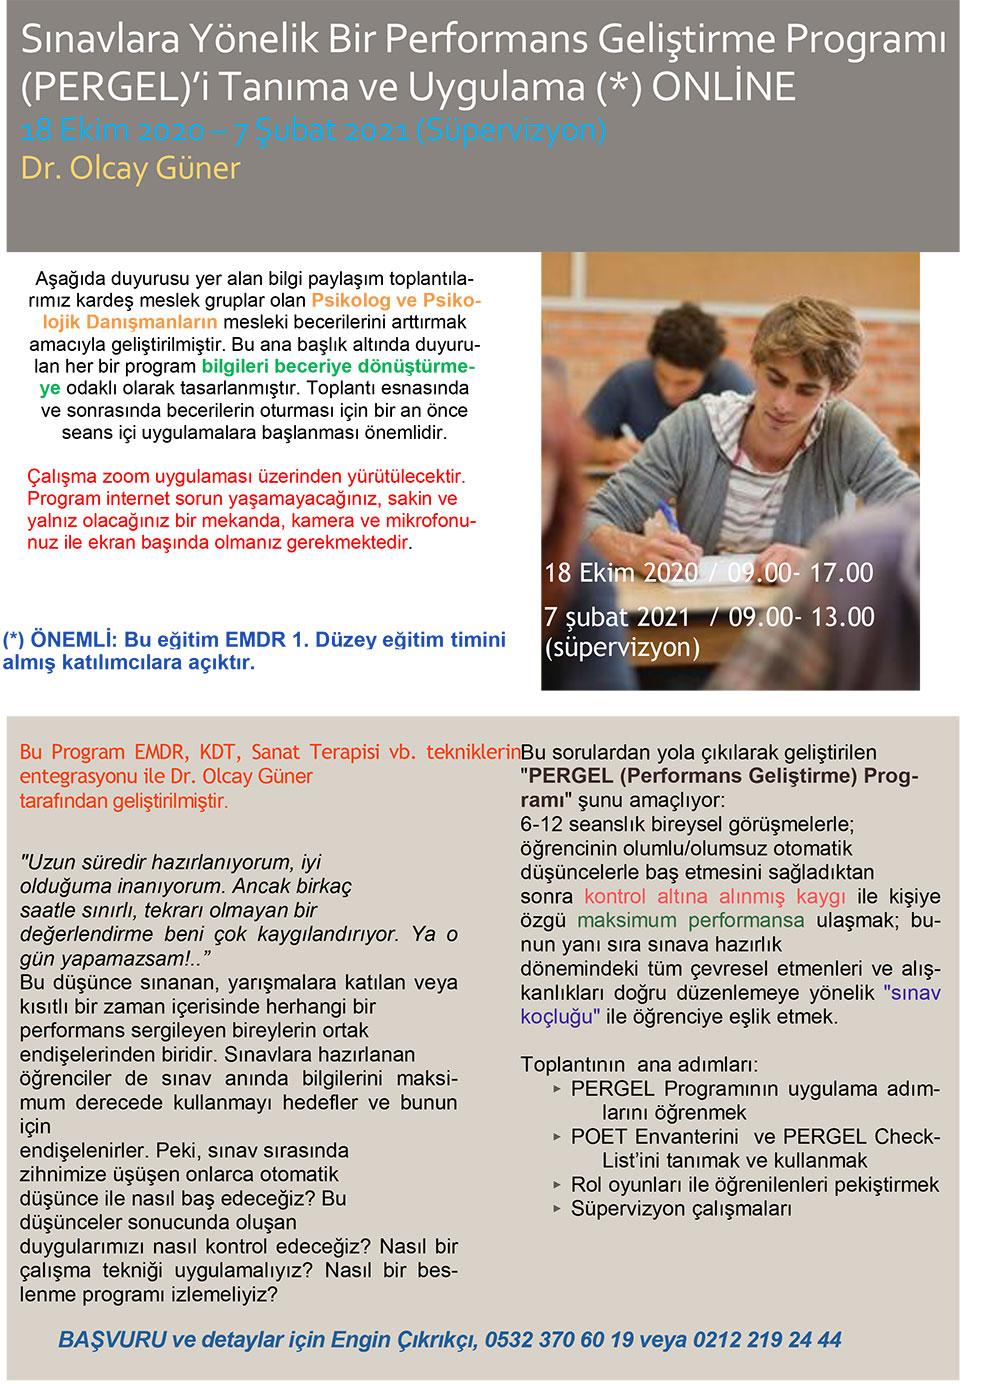 Sınavlara Yönelik Bir Performans Geliştirme Programı (PERGEL)'i Tanıma ve Uygulama Bilgilendirme Toplantısı